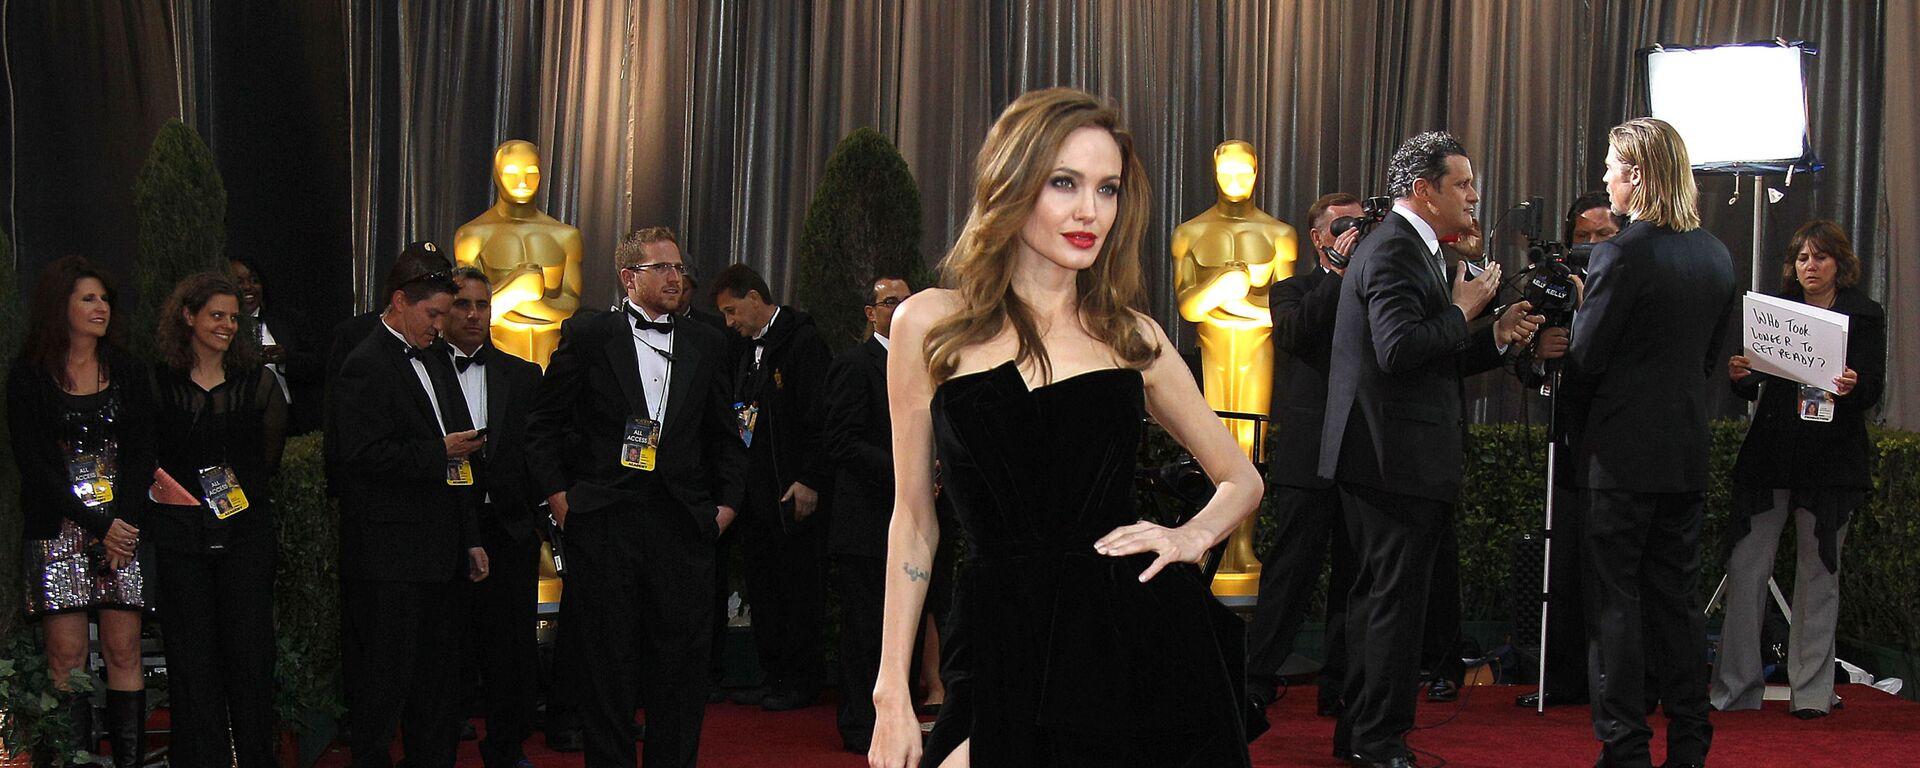 Herečka Angelina Jolieová před 84. ceremoniálem předávání Oscarů v roce 2012 - Sputnik Česká republika, 1920, 24.04.2021